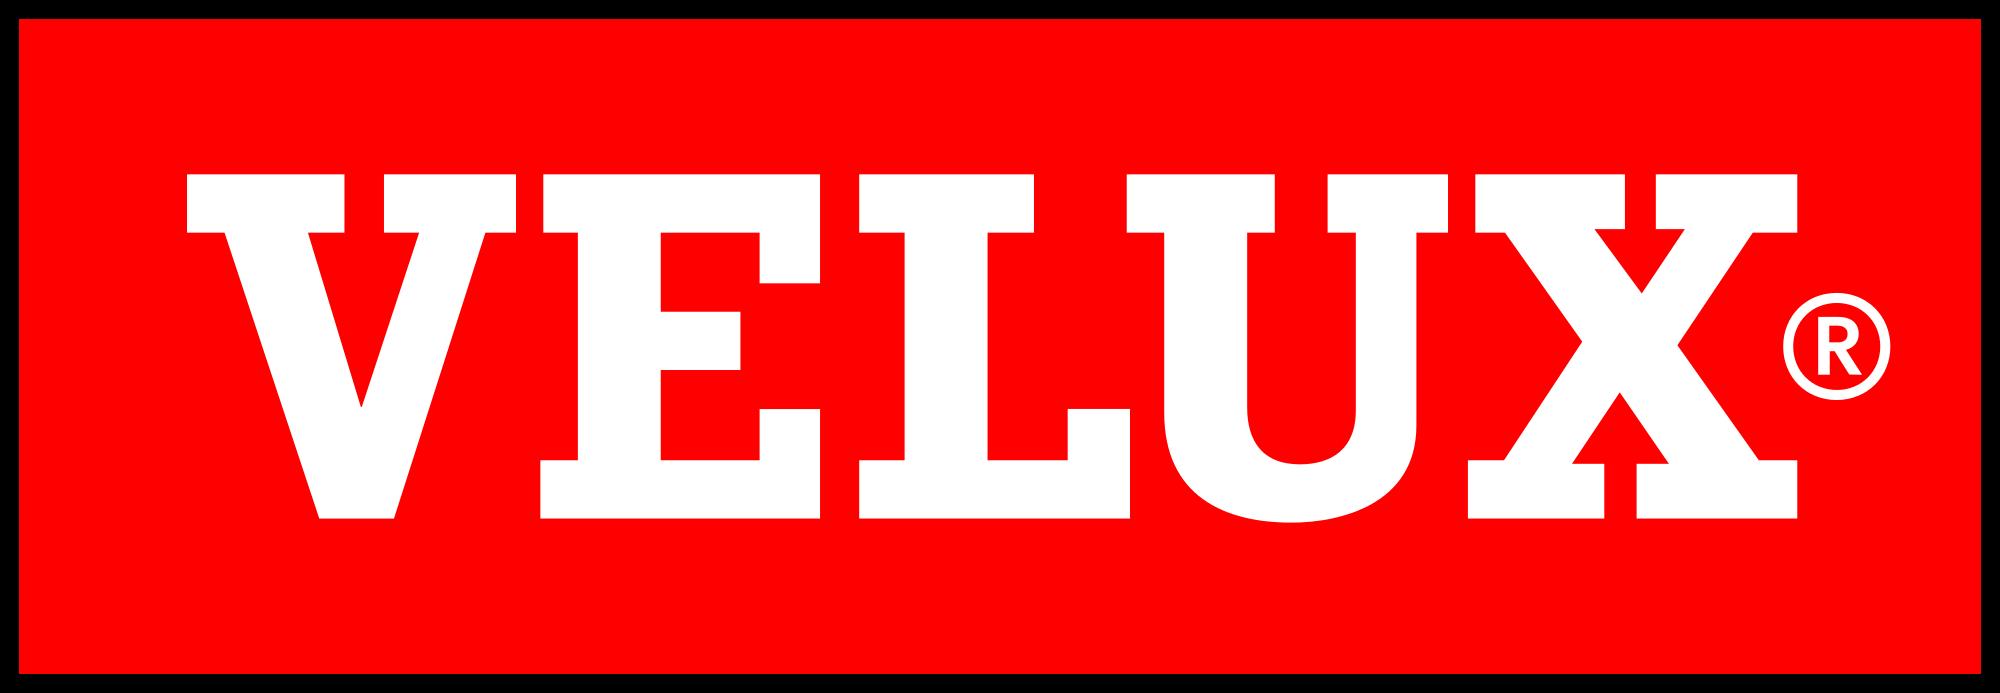 Velux logo - materiaux simc